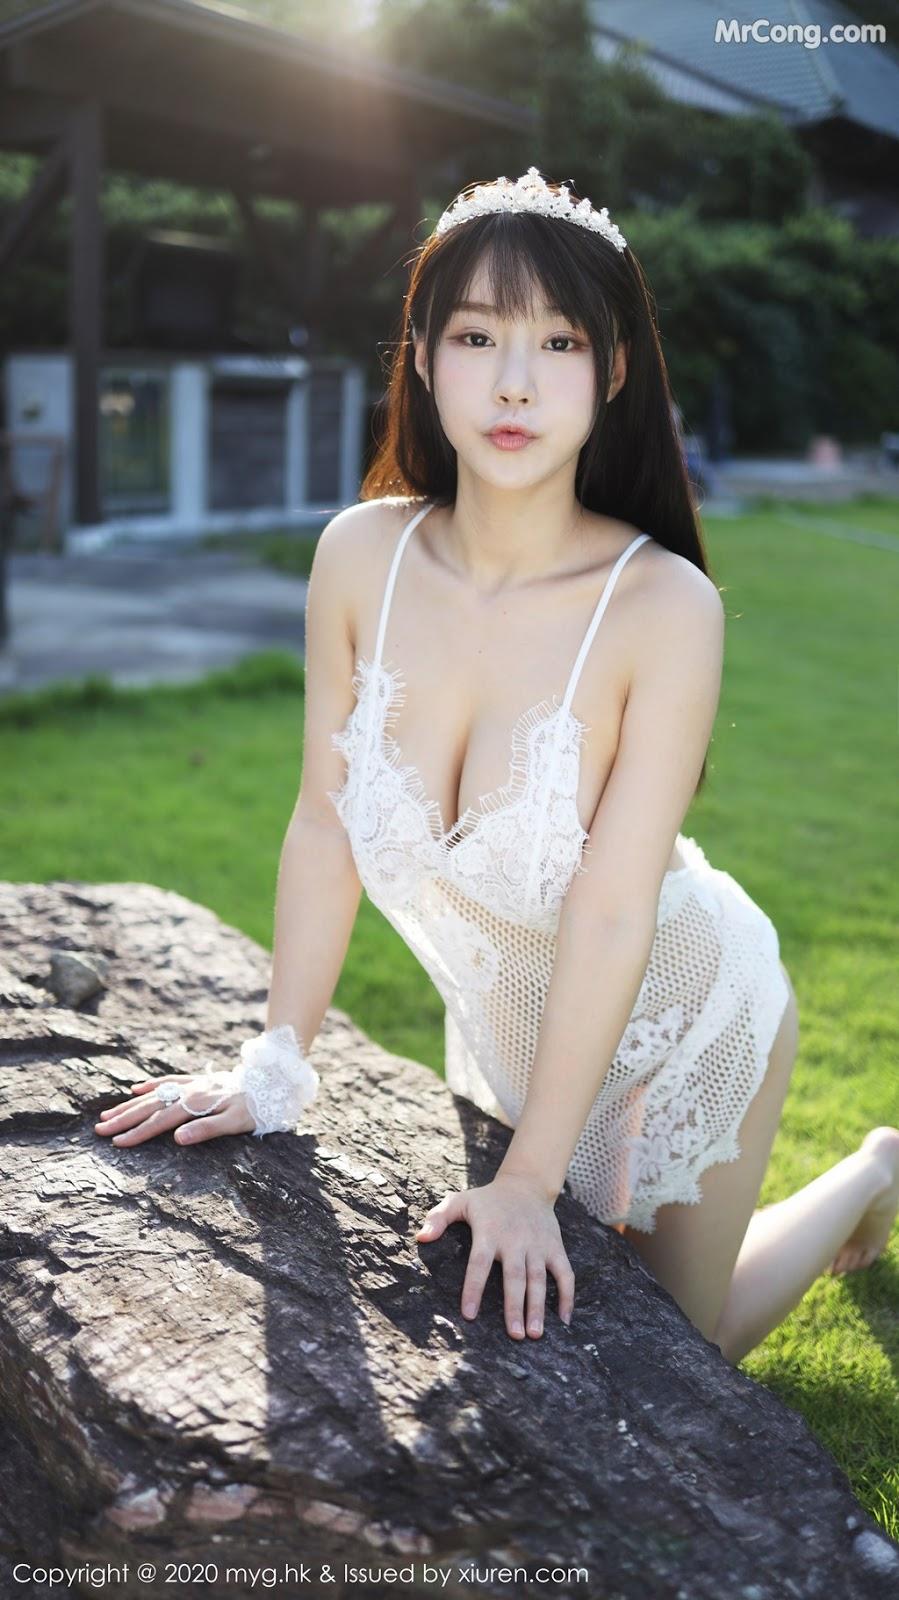 MyGirl Vol.423: Zhu Ke Er (朱可儿Flower) (41P)